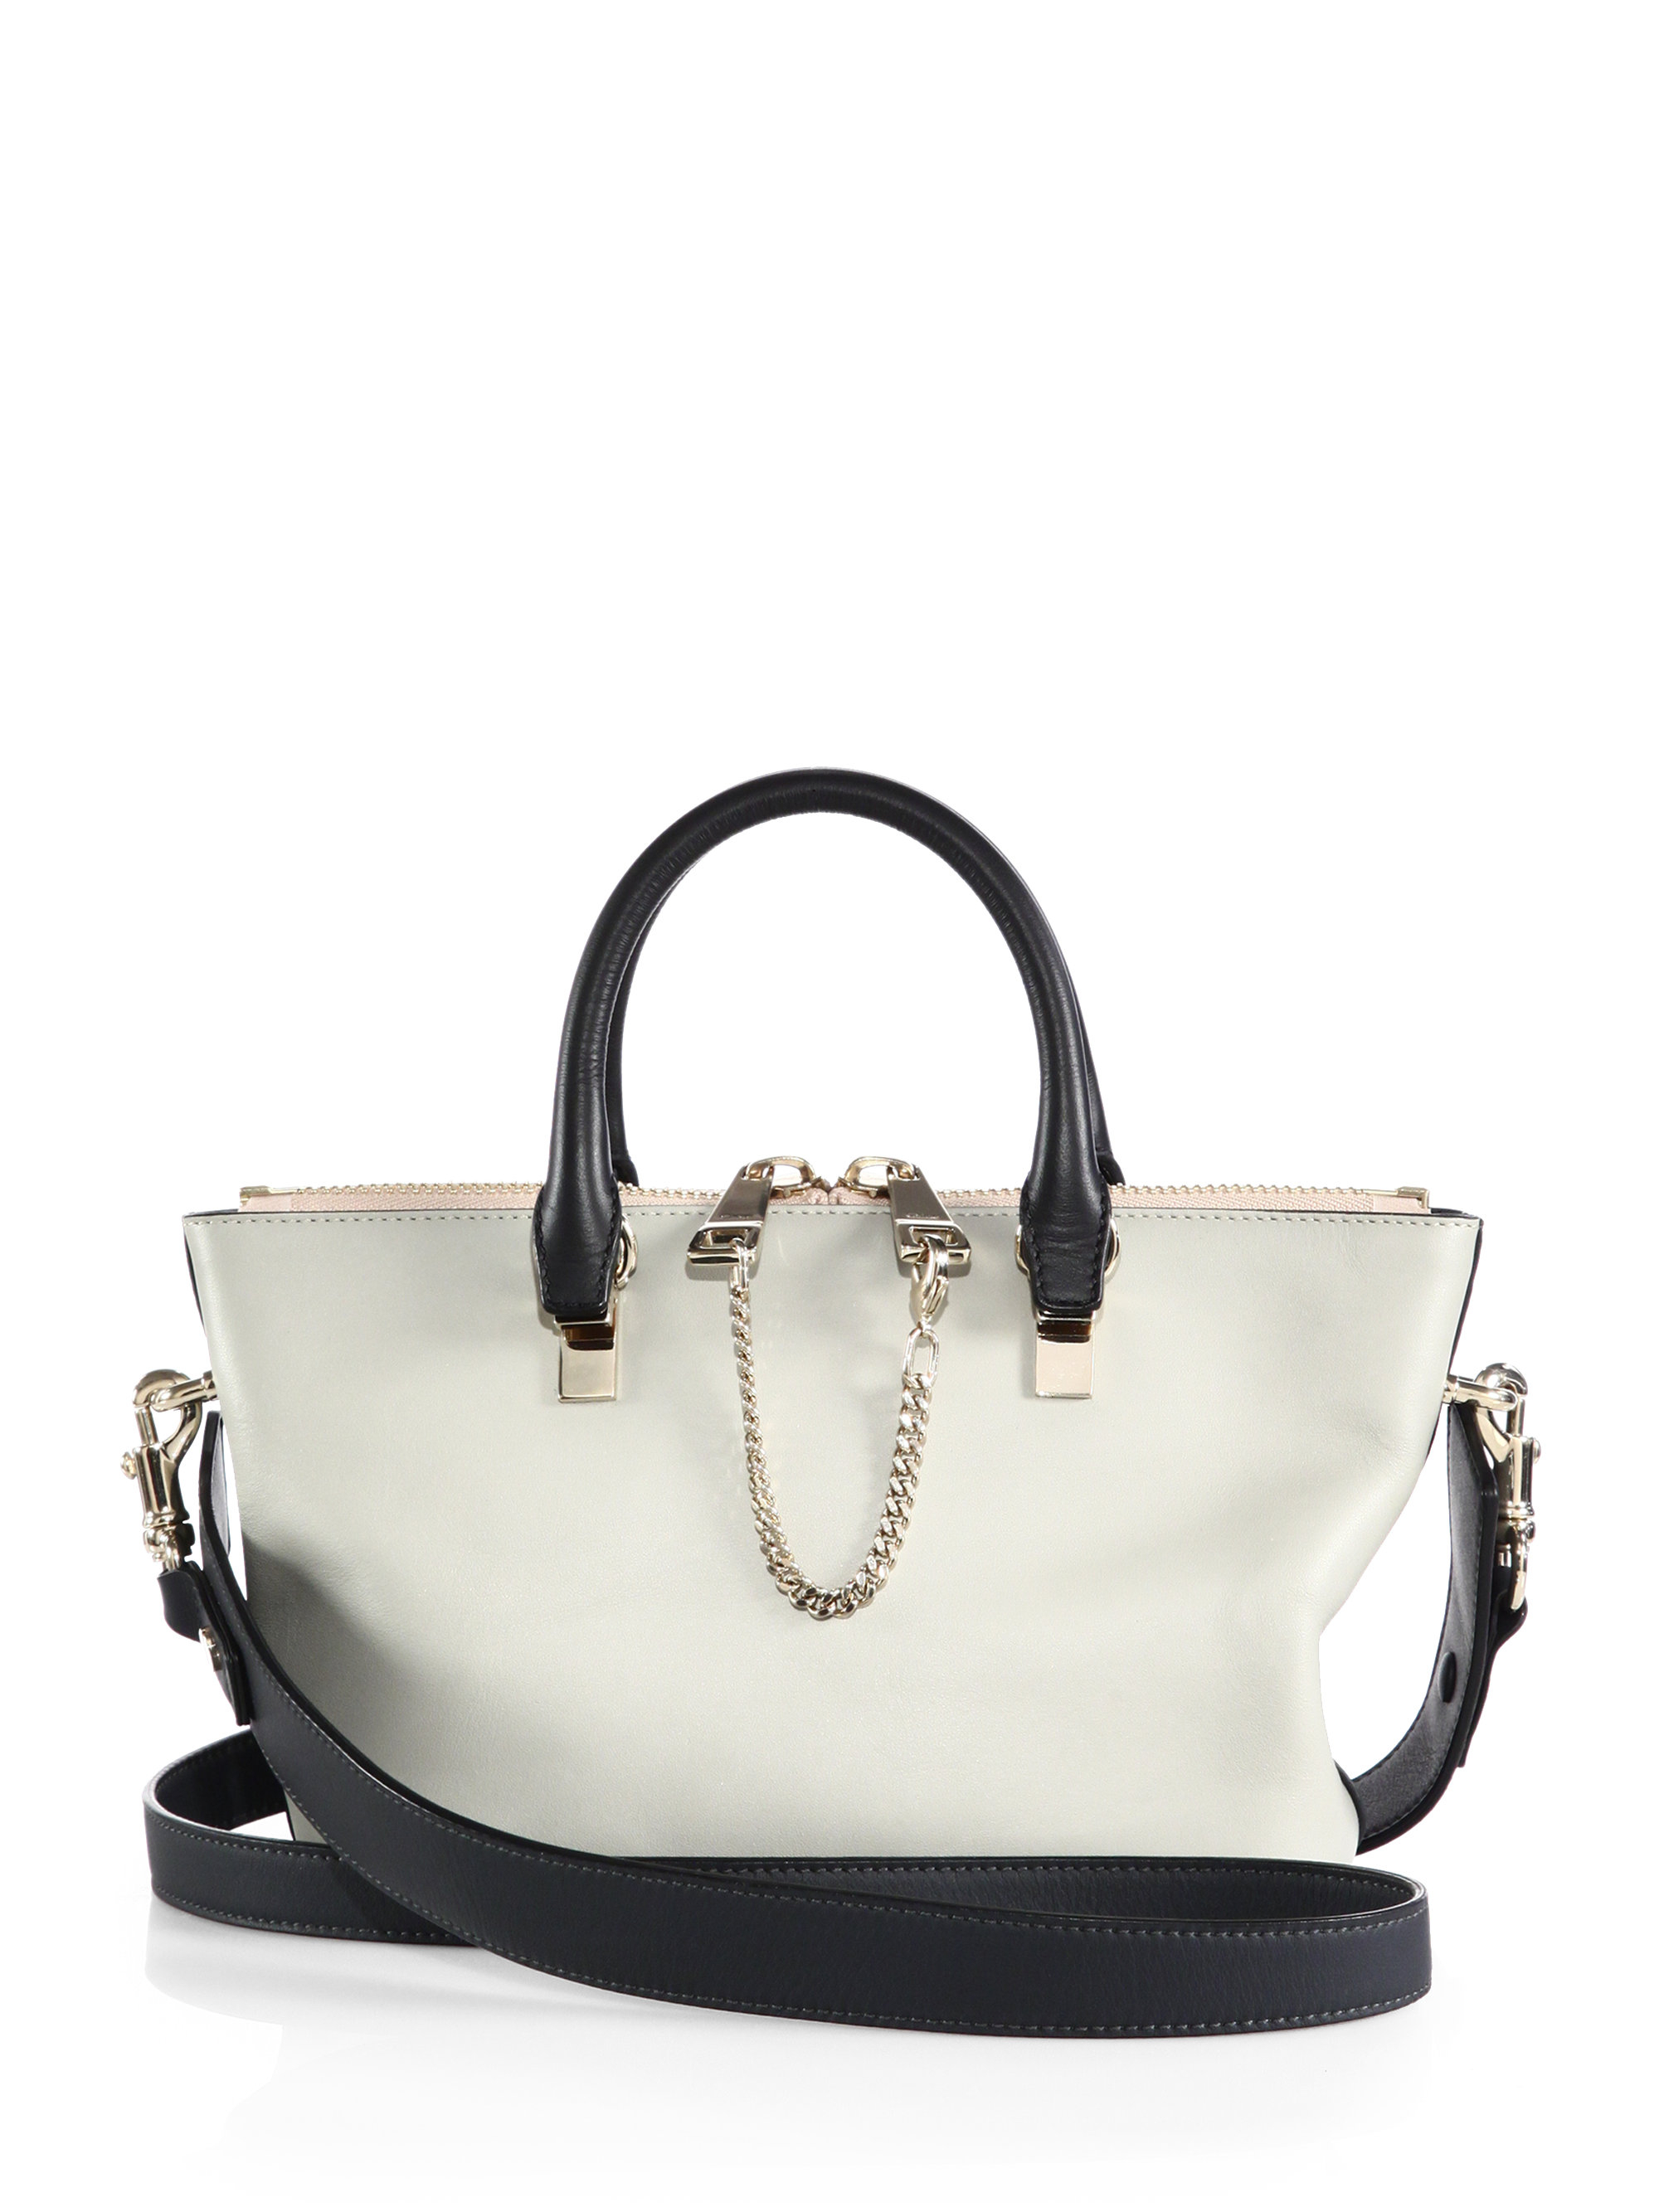 Chlo�� Baylee Mini Bicolor Shoulder Bag in Beige (MARSHMALLOW) | Lyst